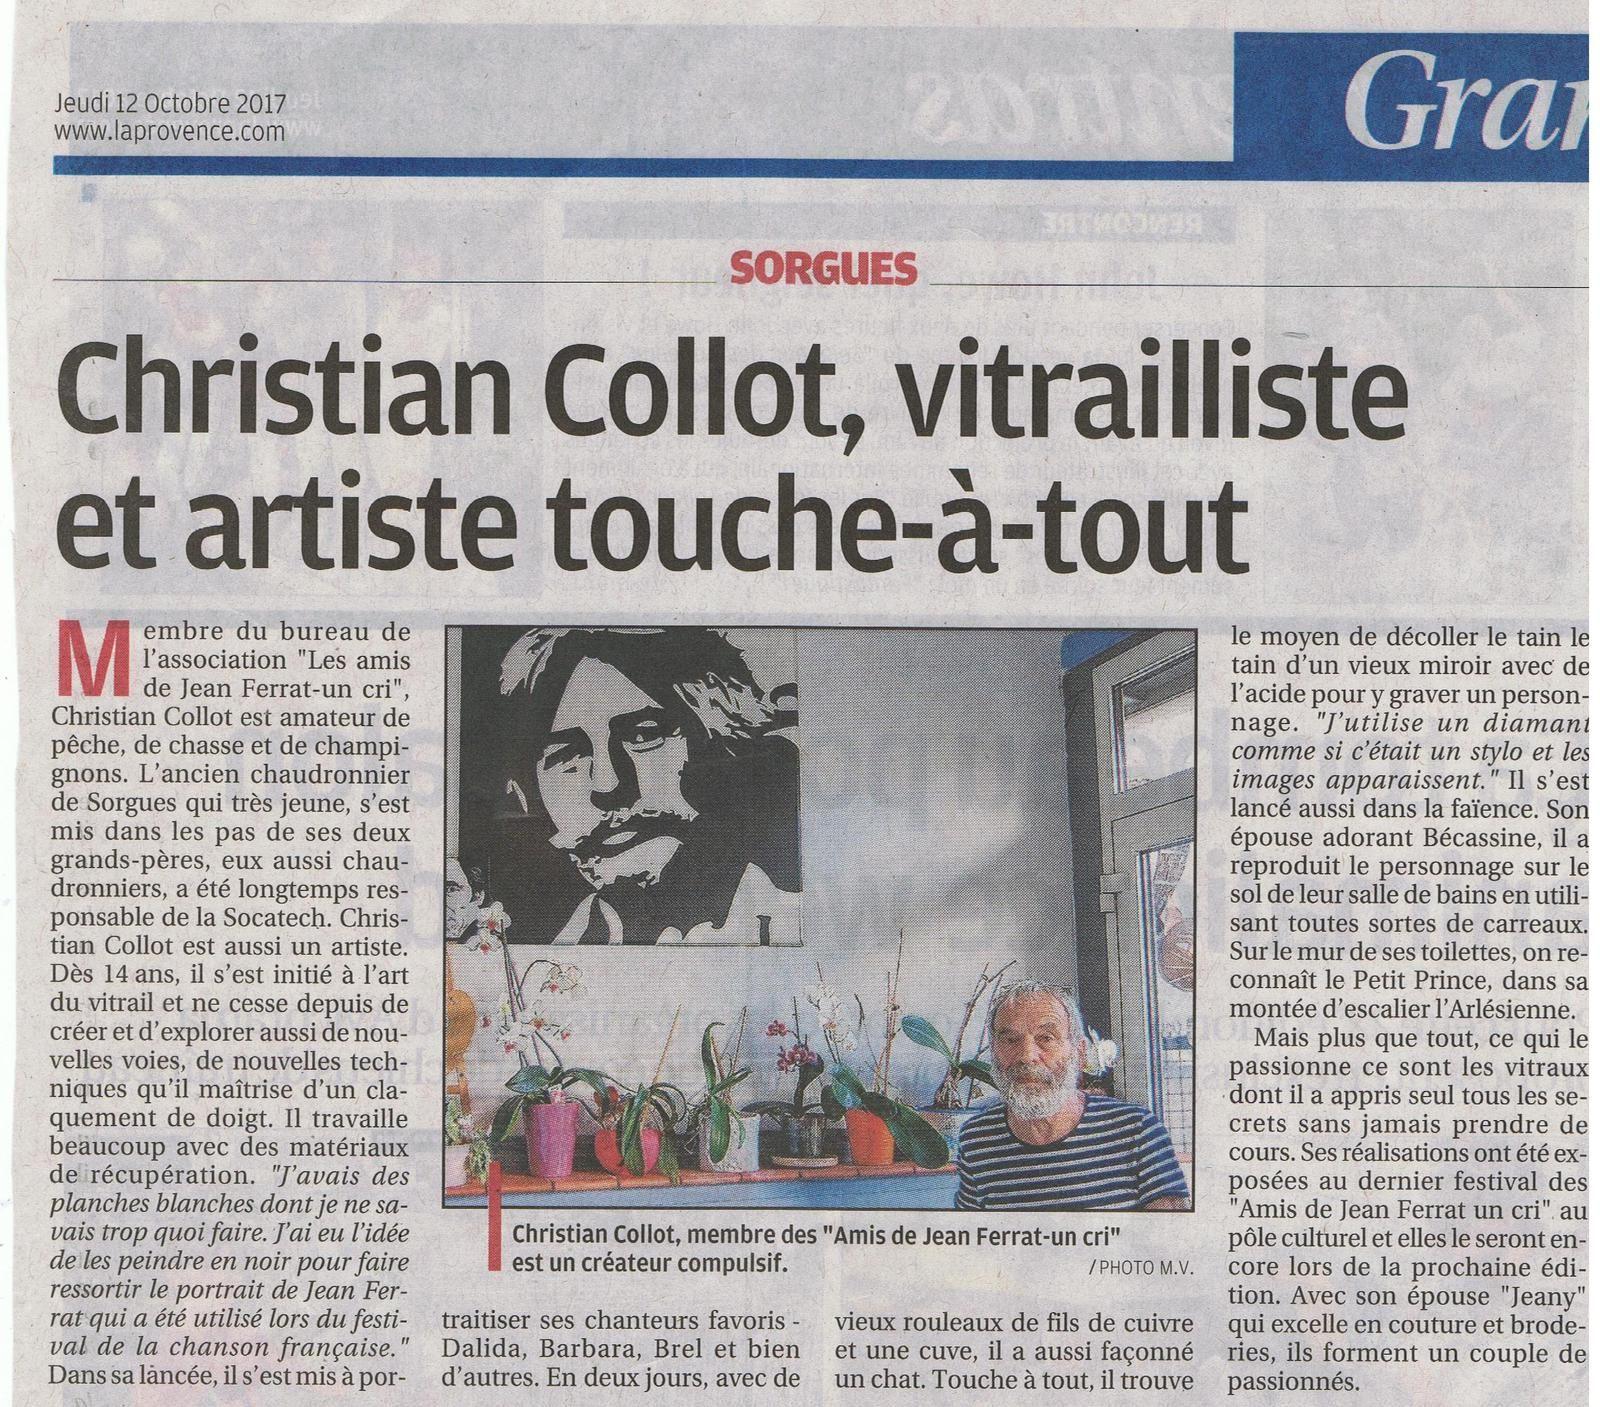 Christian Collot à l'honneur sur La Provence